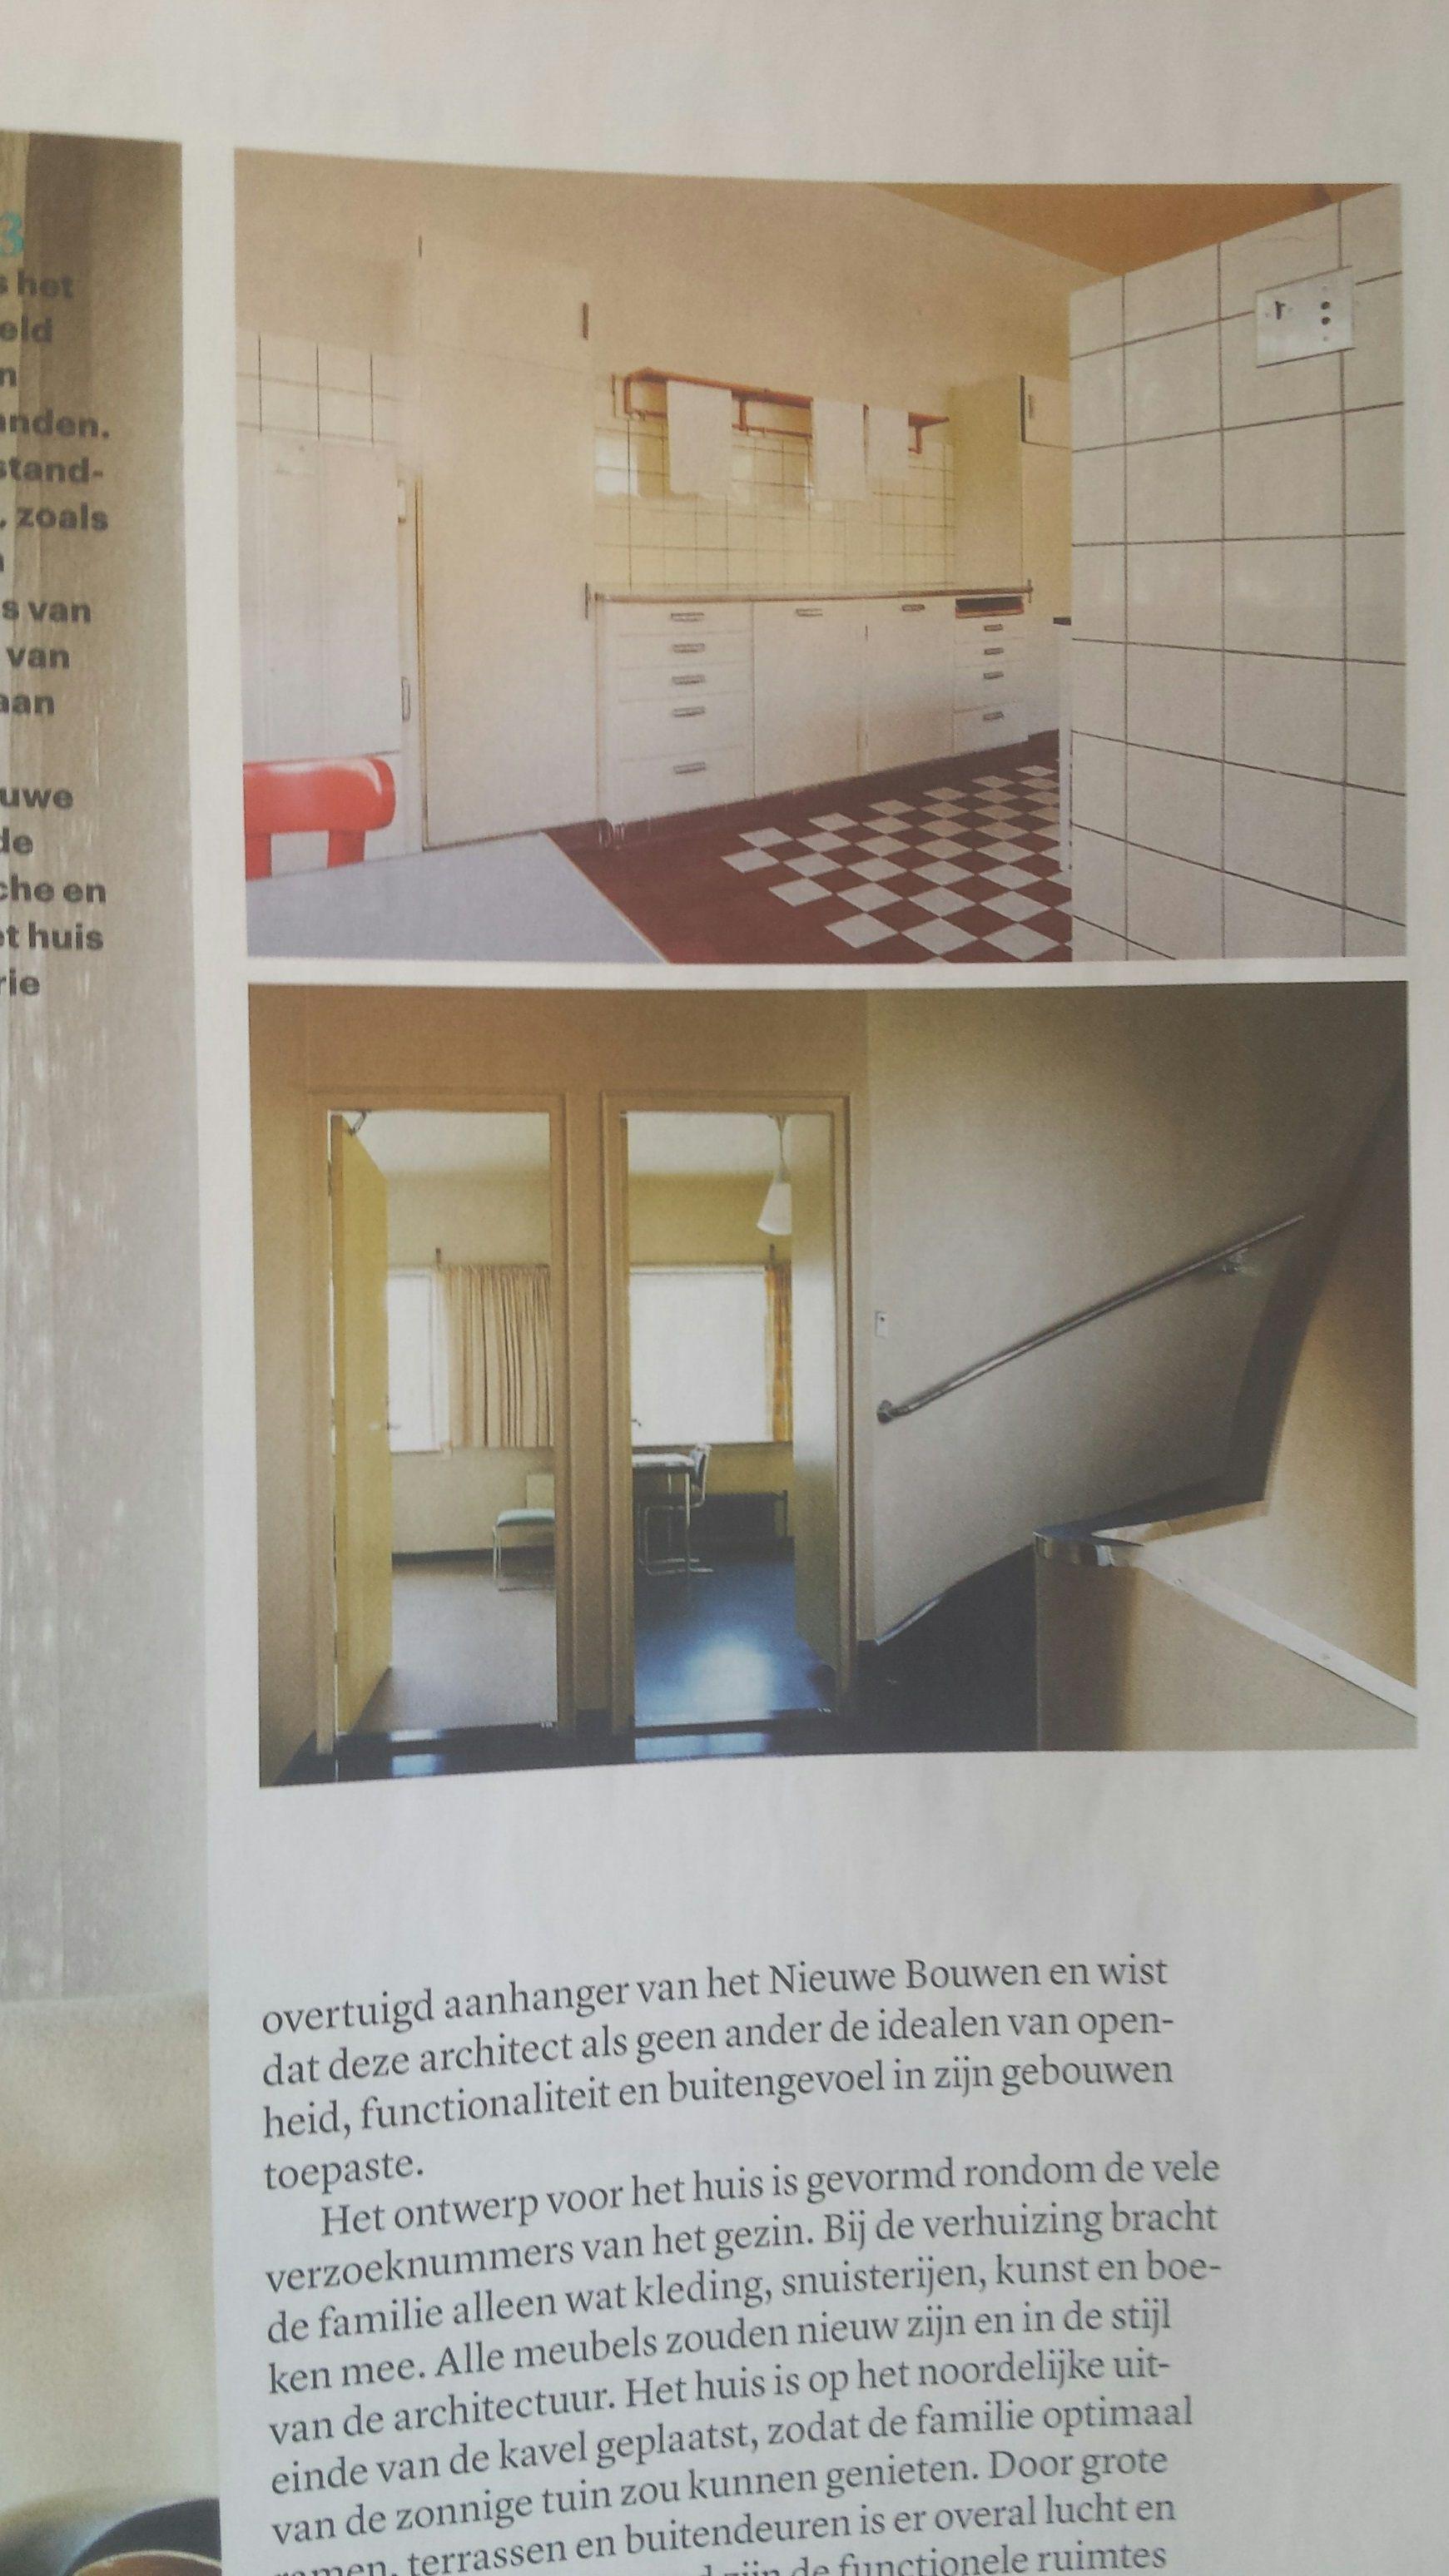 In eigenhuis interieur van januari 39 14 staat een mooi artikel over huis sonneveld in deze - Mooi huis interieur design ...